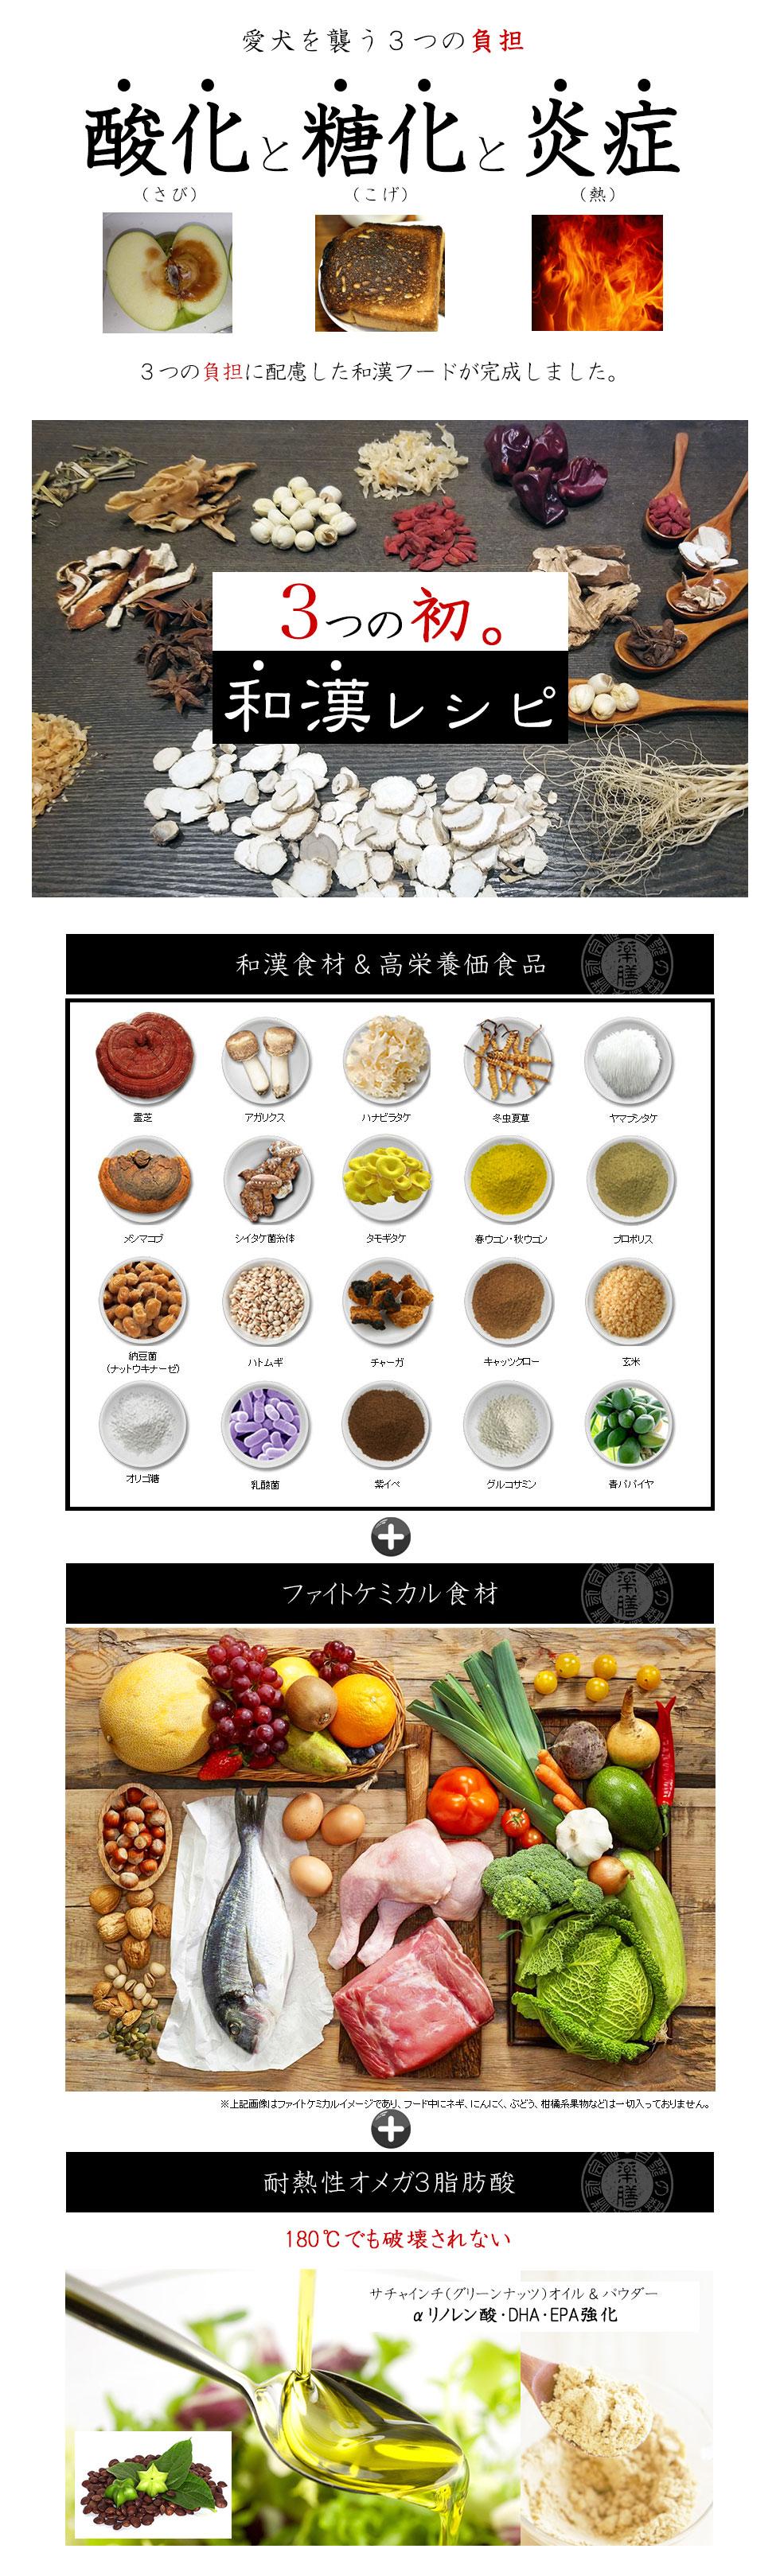 3つの初。薬膳レシピ 漢方&高栄養価商品 マクロビ食材 耐熱性オメガ3脂肪酸